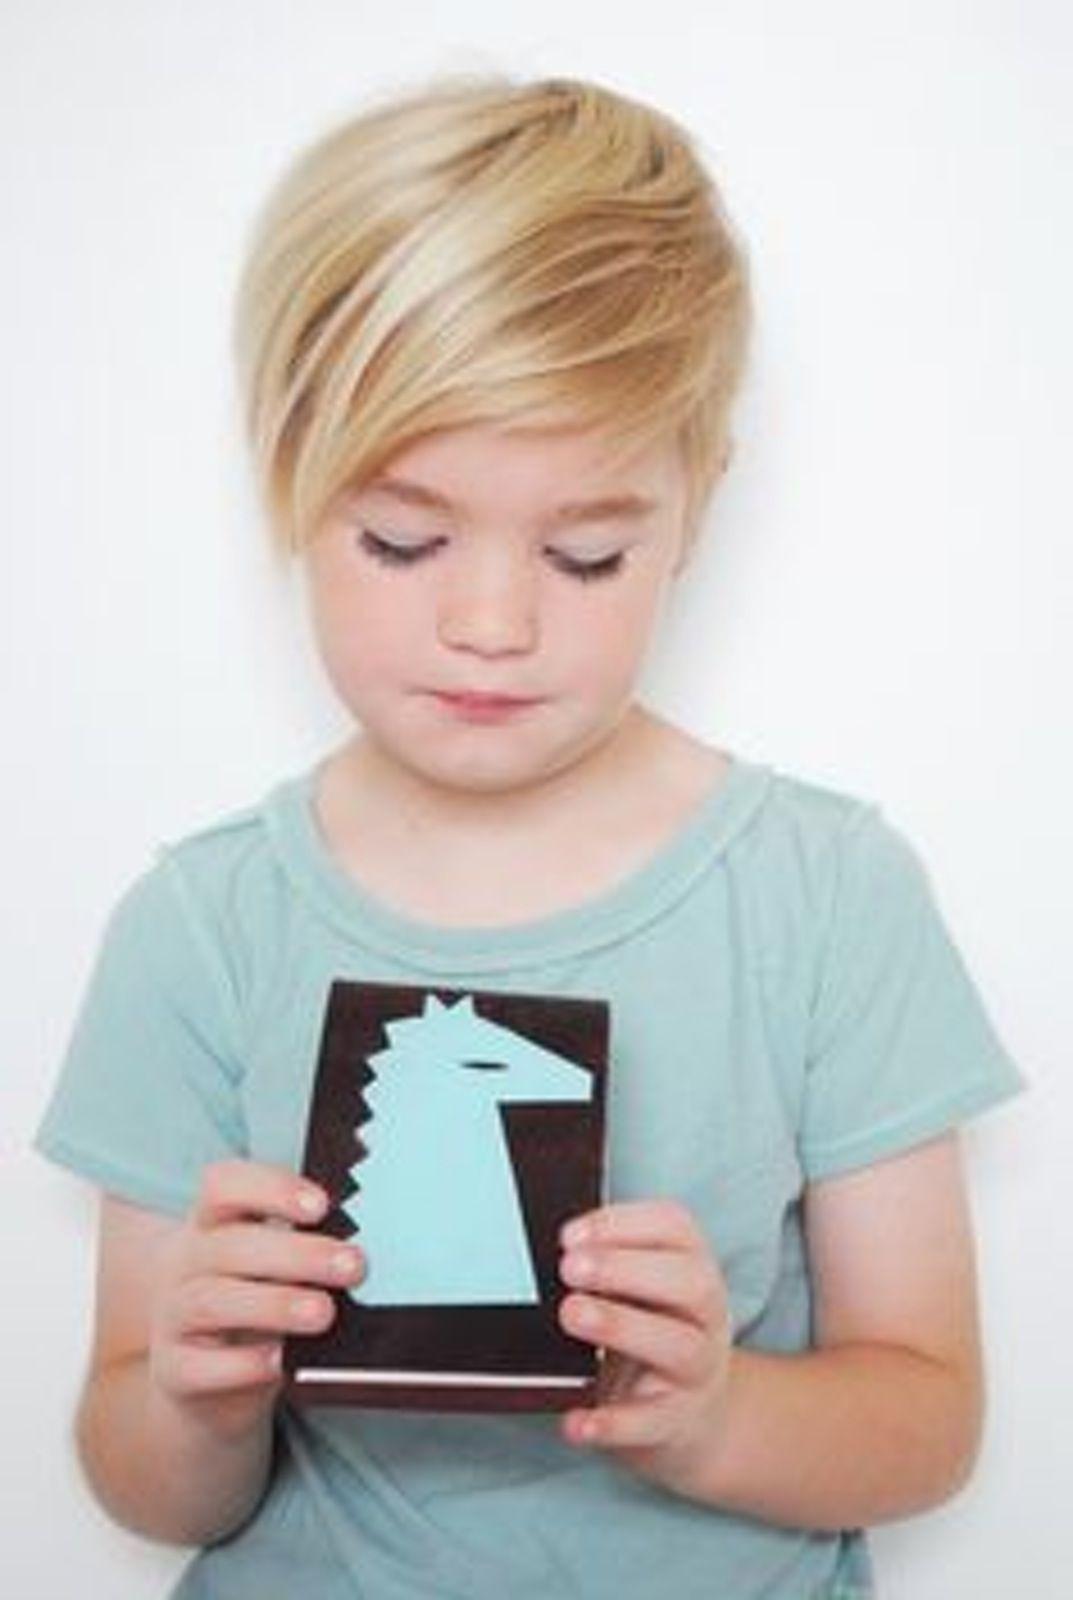 Photos : 20 coiffures courtes pour petites filles parents.fr   Coupe cheveux petite fille, Coupe ...